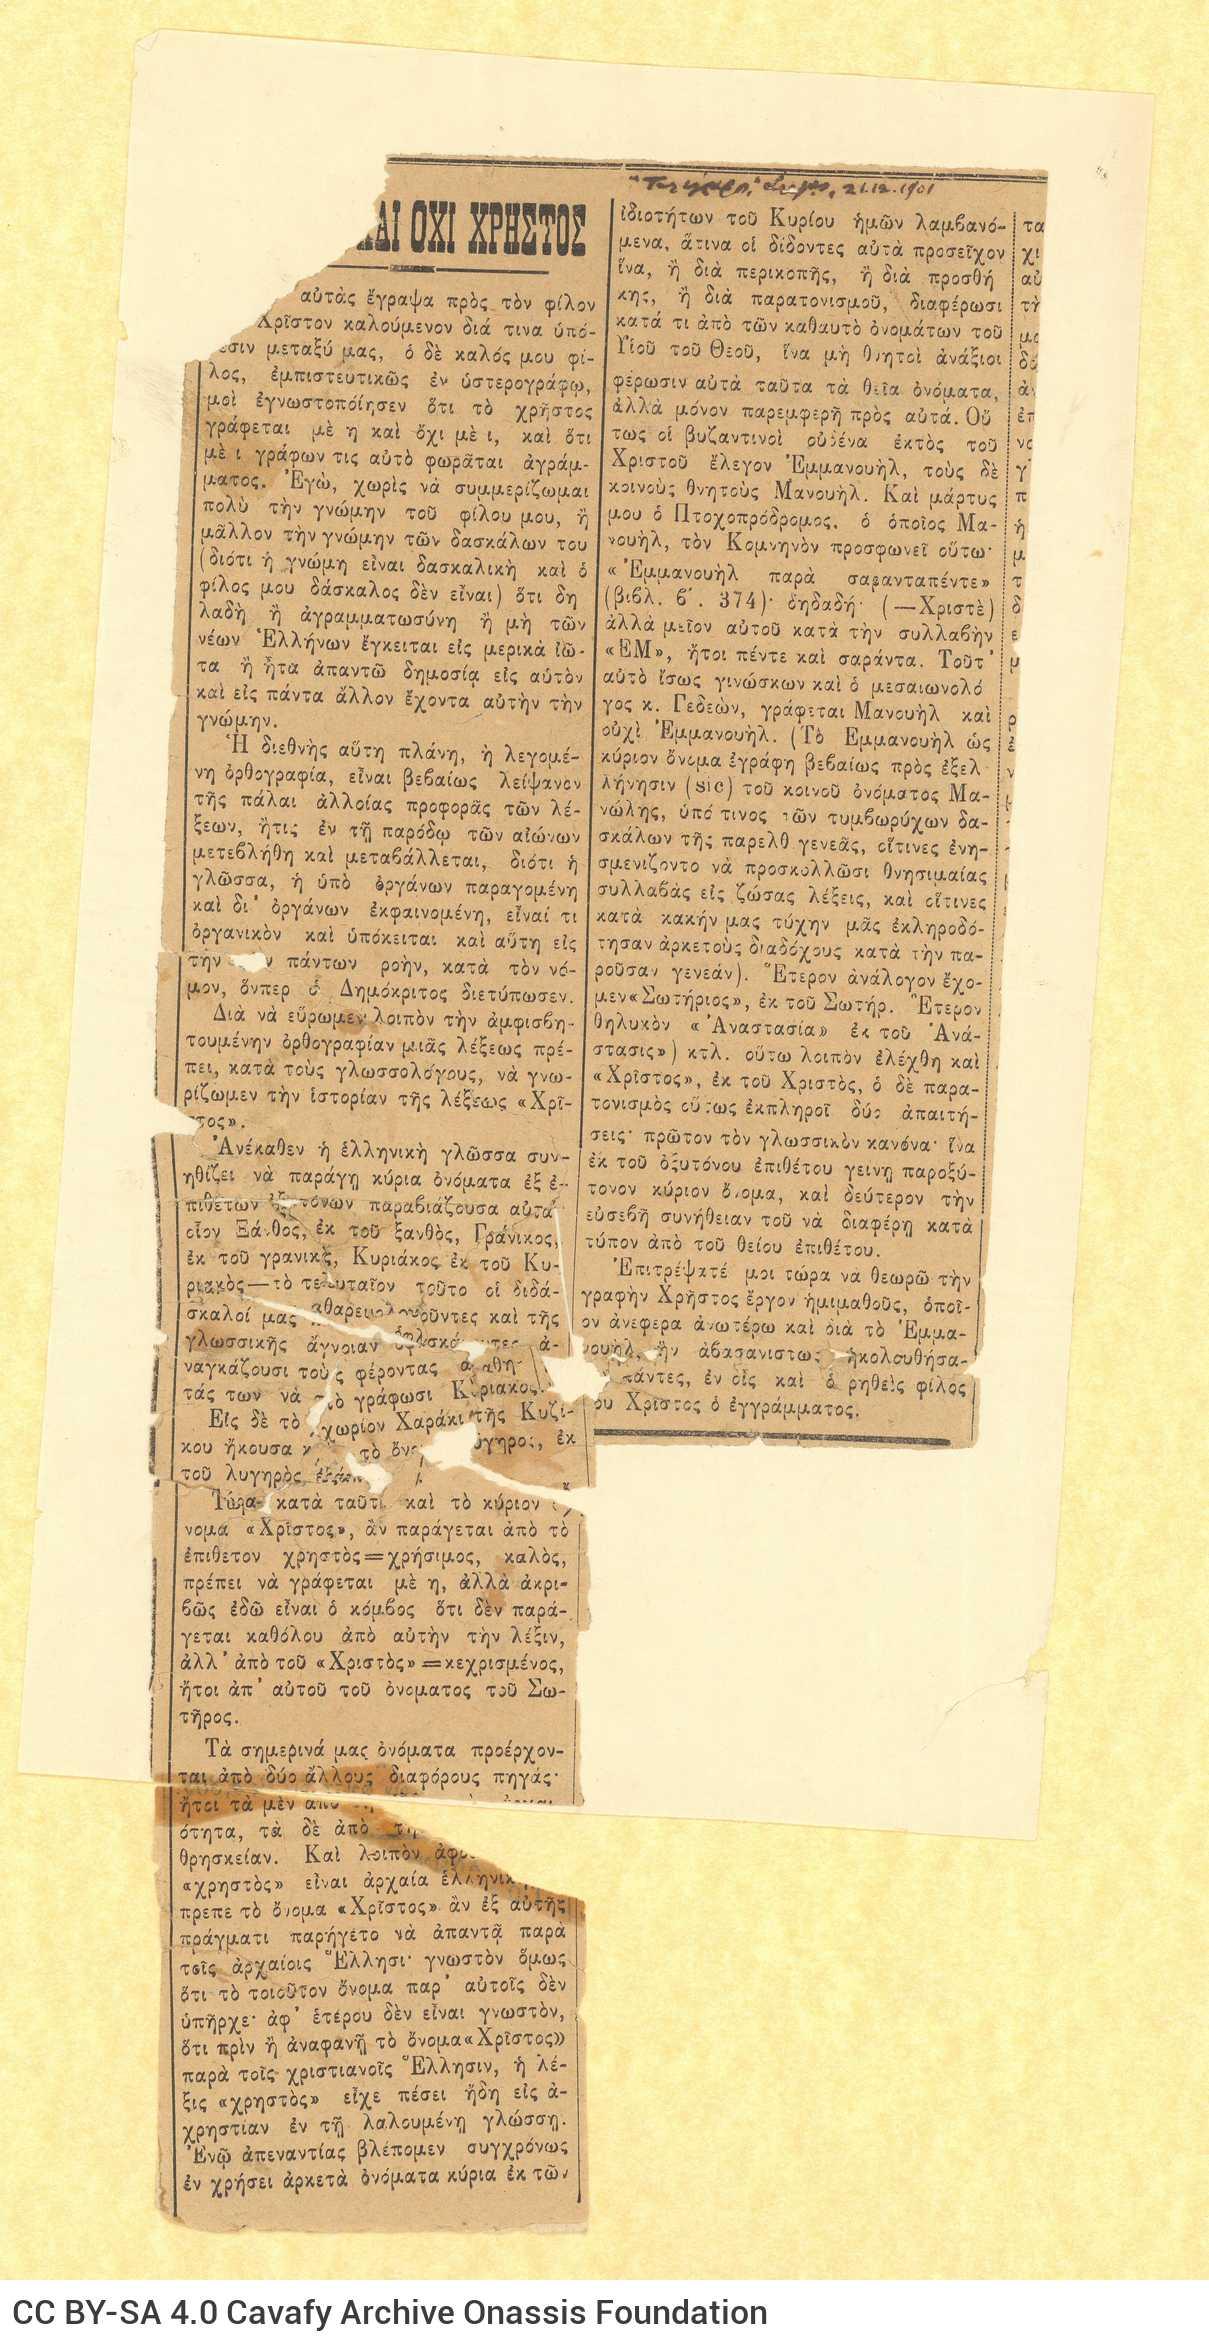 Απόκομμα από την εφημερίδα *Τηλέγραφος* της 21/12/1901. Η επωνυμία της εφη